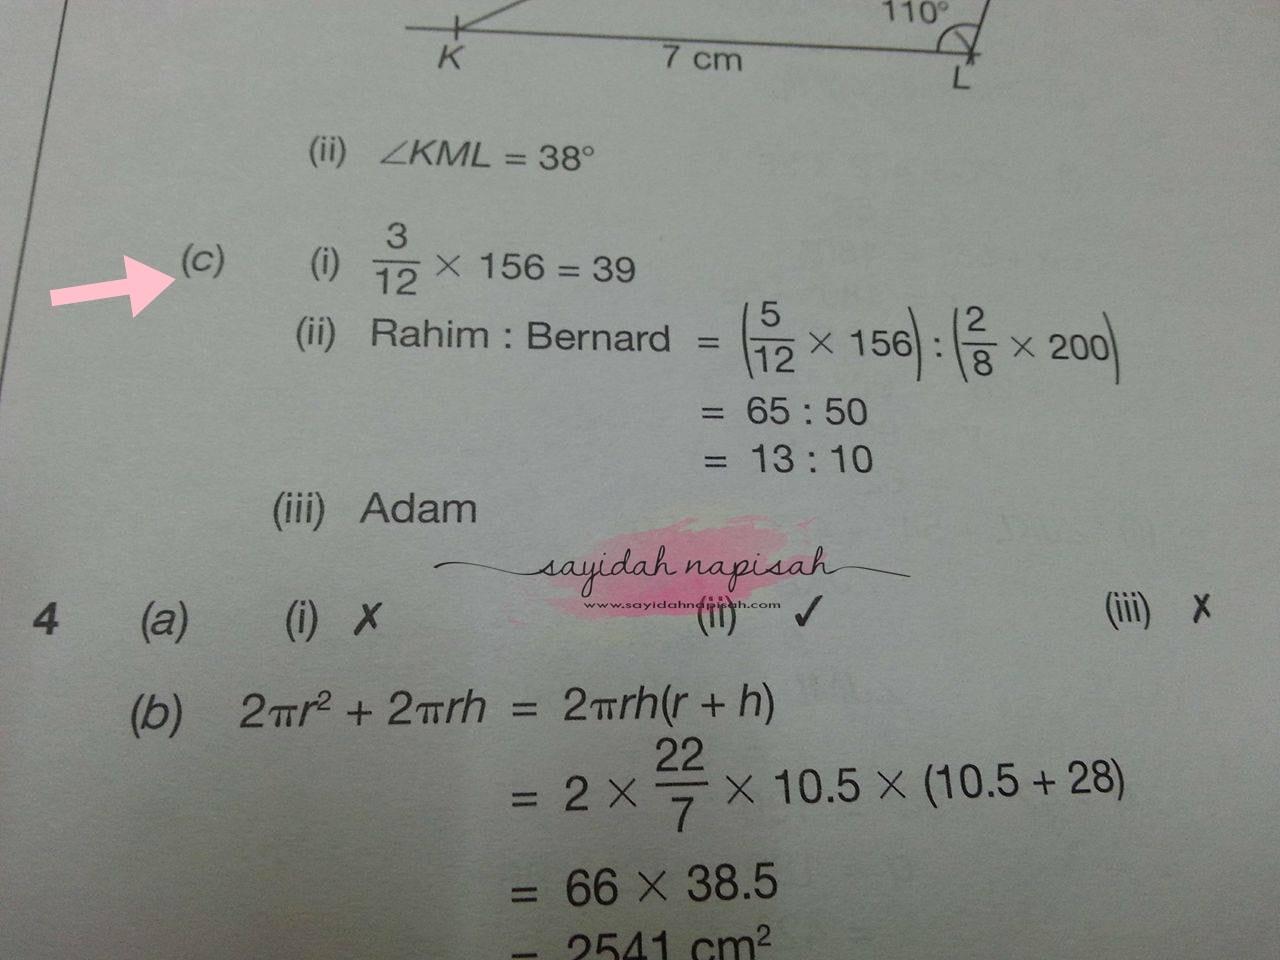 Topik Wajib Ada Dalam Exam PT3 + Contoh Soalan (PART 2)